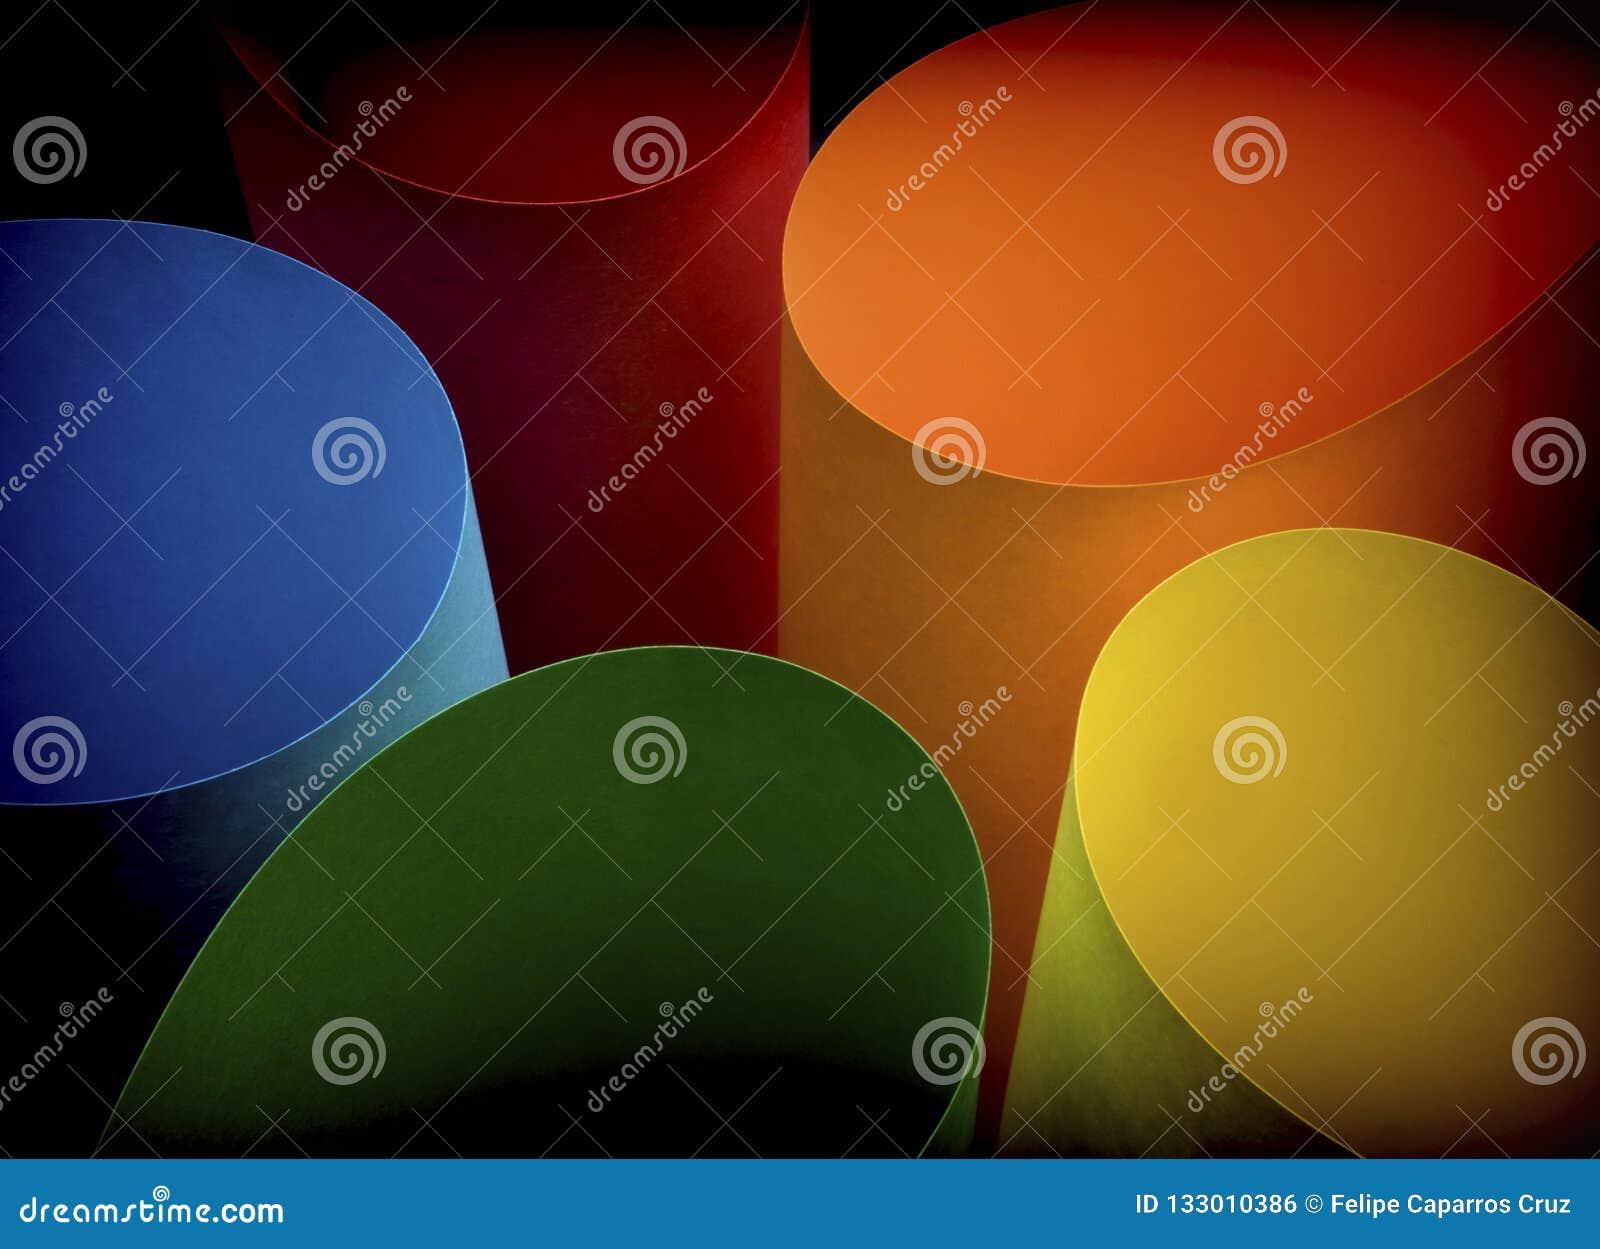 Feuilles de papier multicolores incurvées